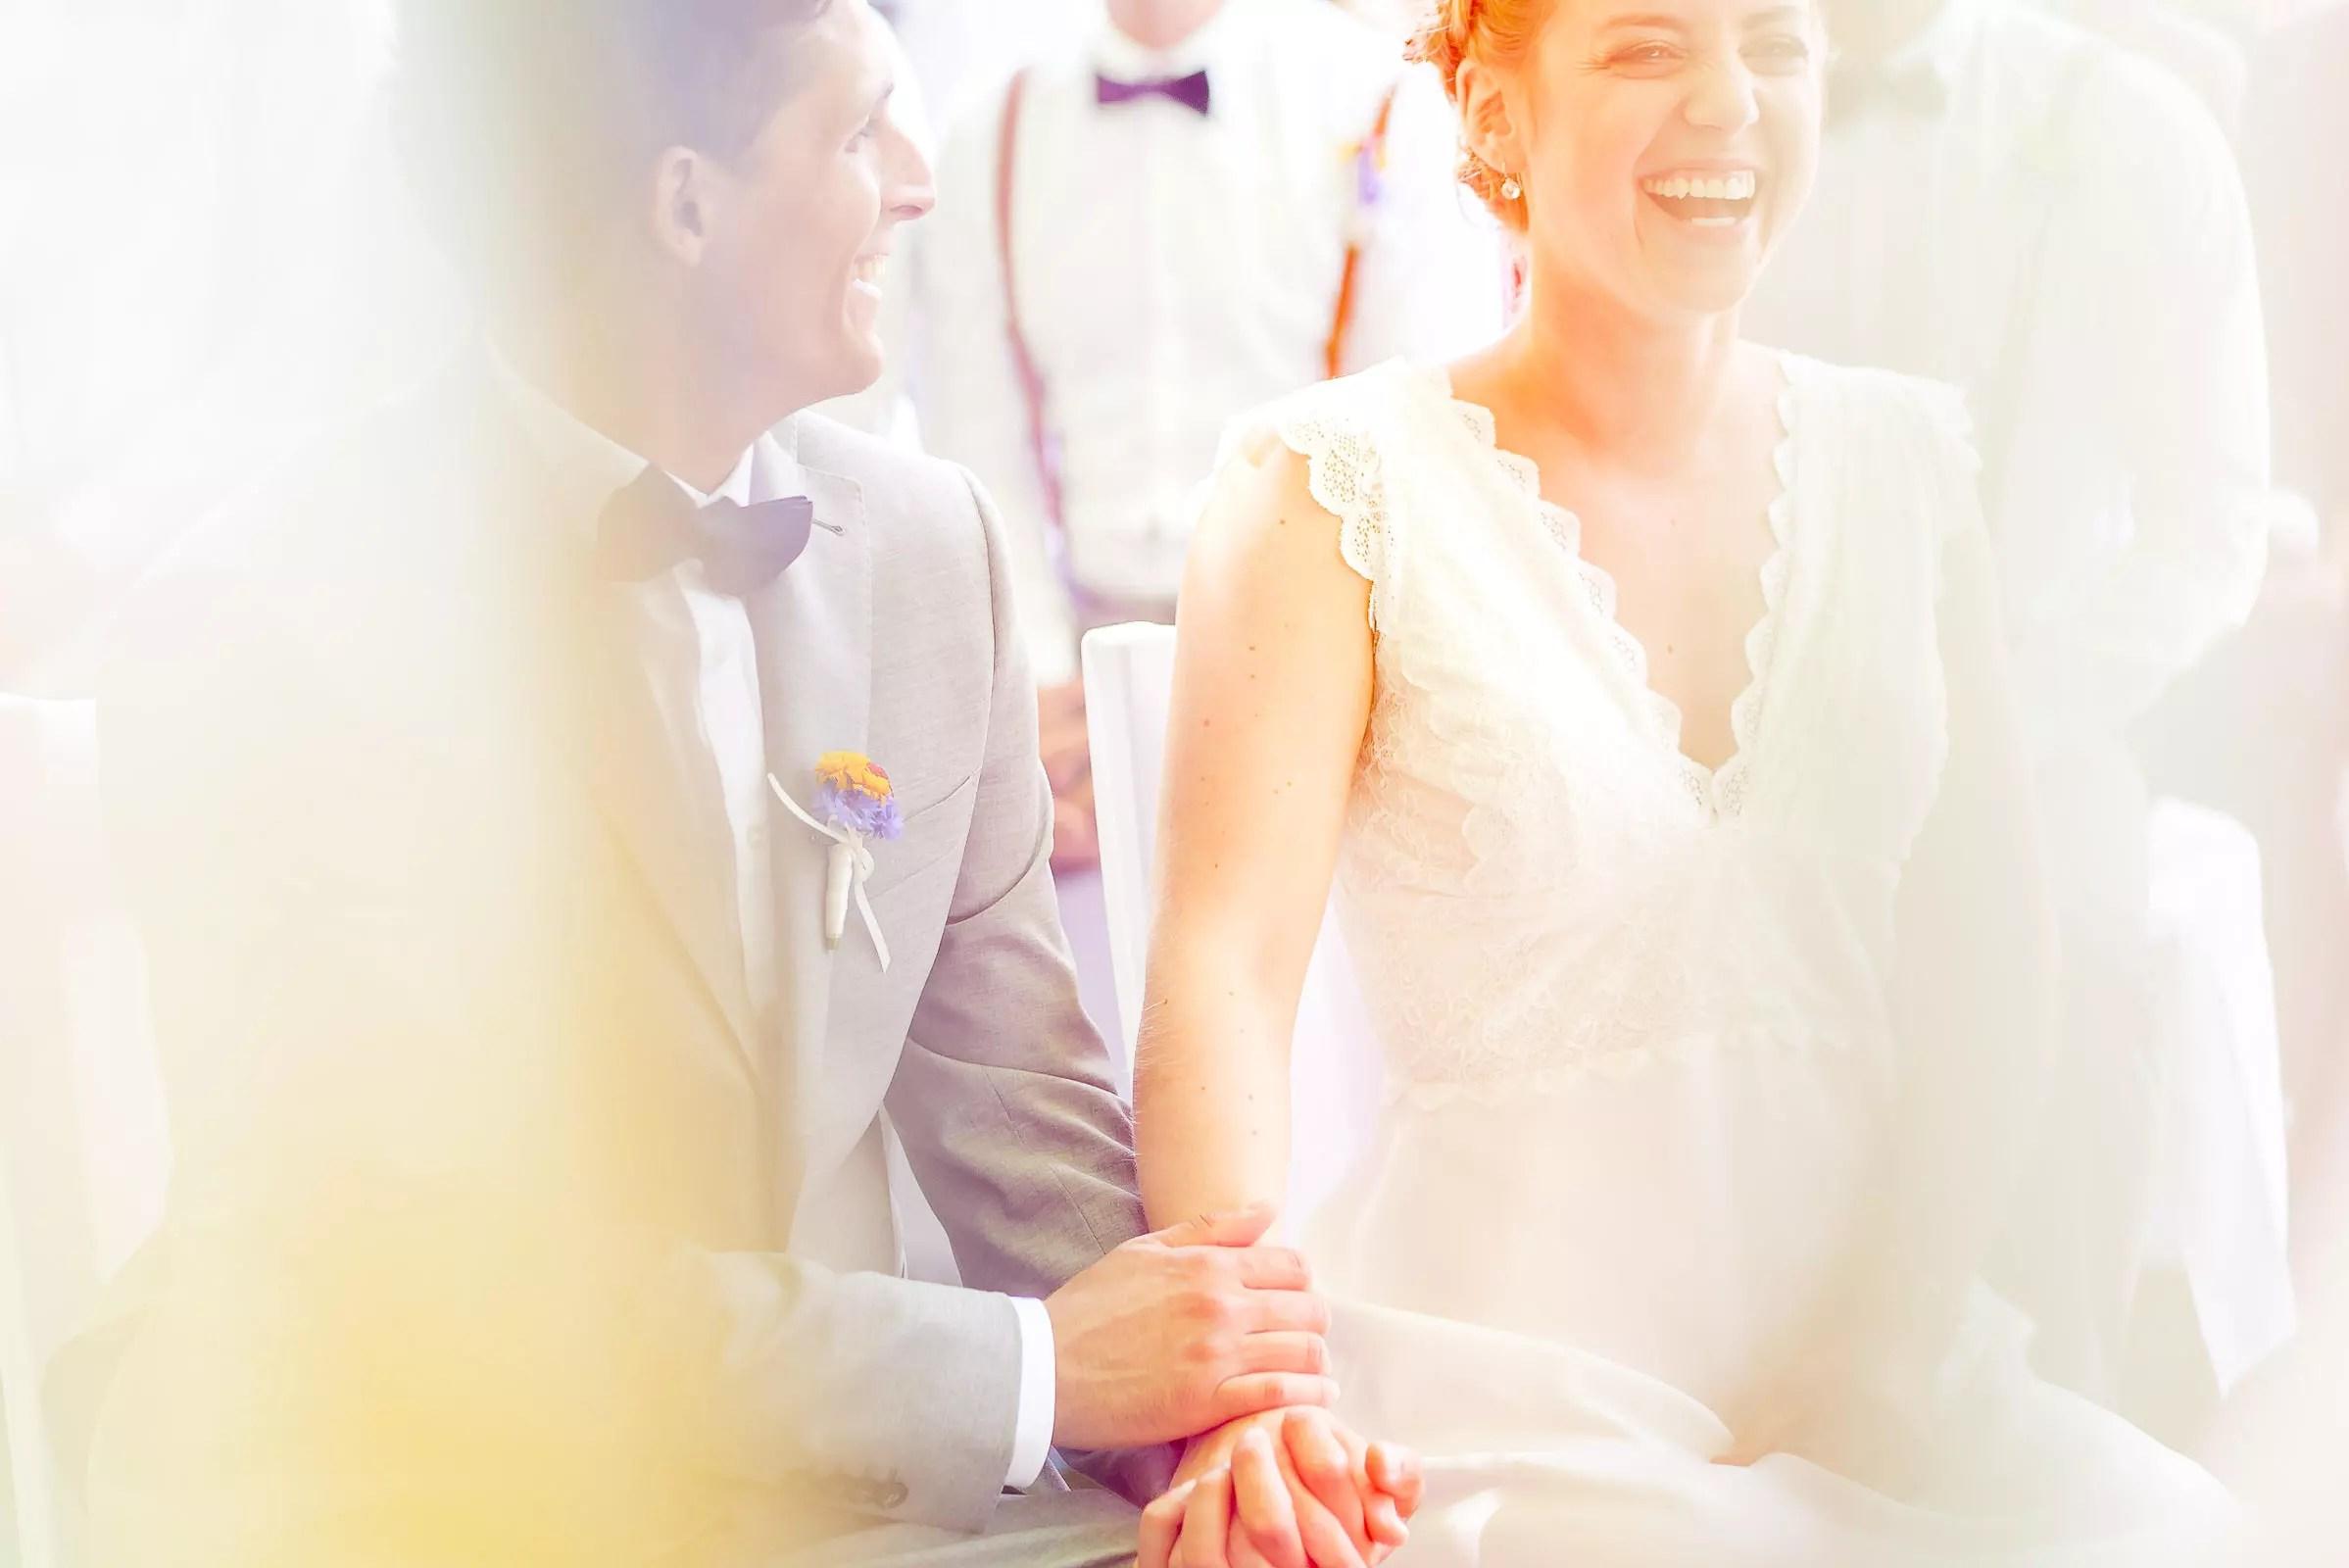 Hochzeitsfotograf bergschoessl Linz;Hochzeitsfotograf Salzburg;Hochzeitsfotograf Steyr